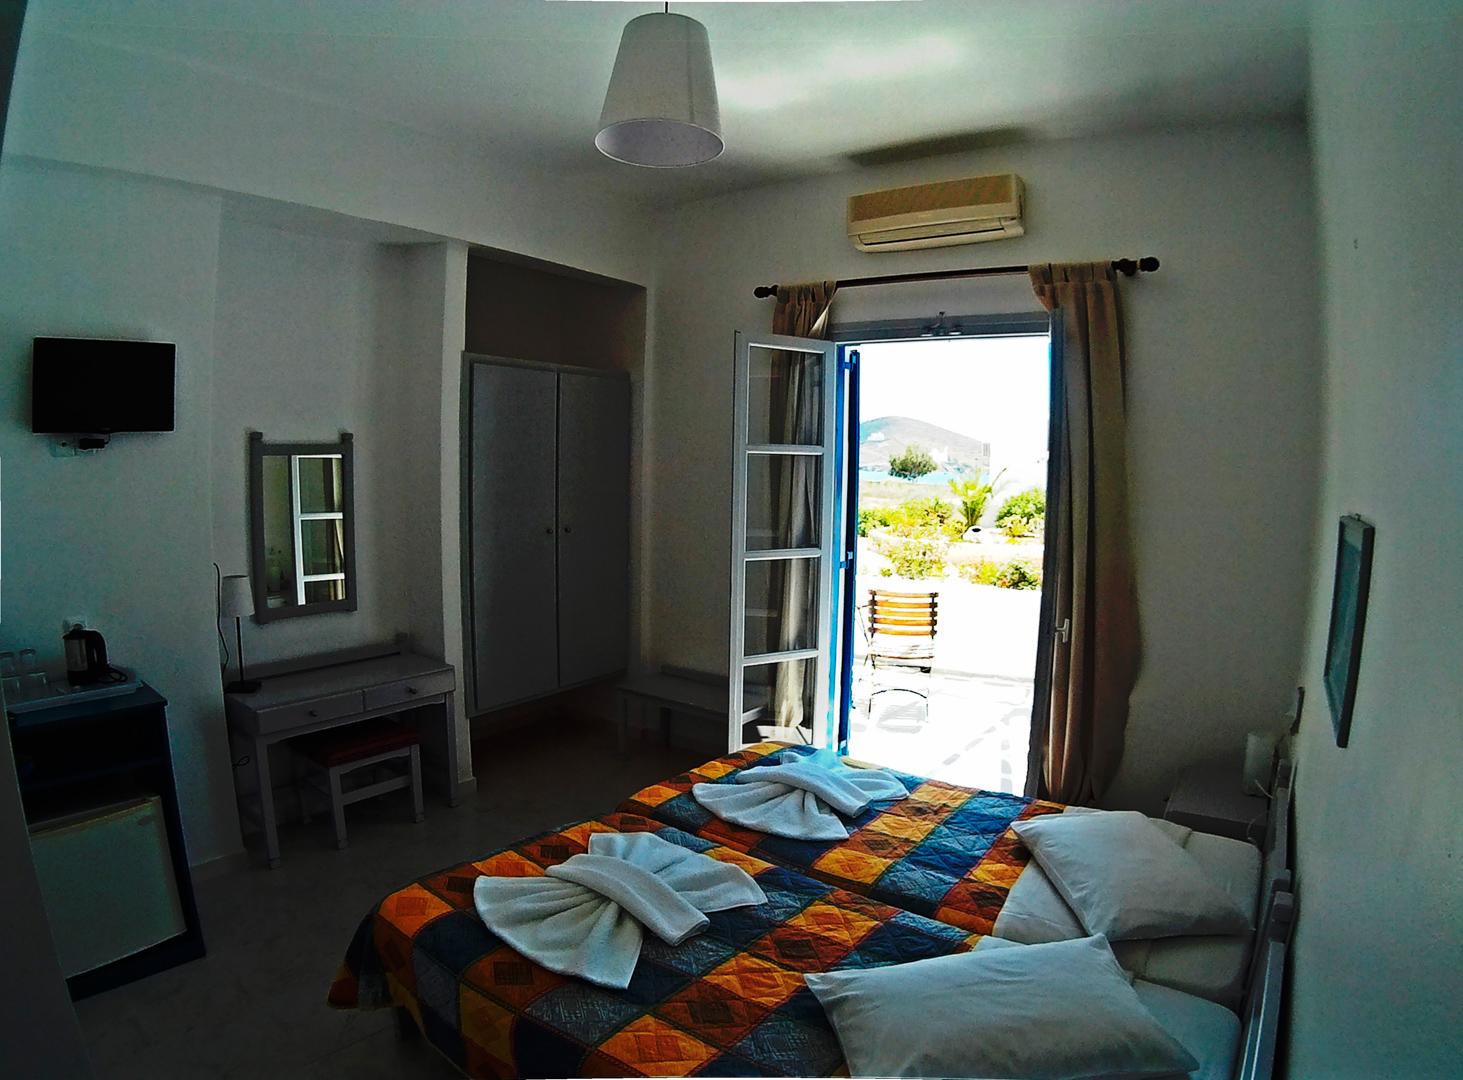 http://hotelglarosios.gr/wp-content/uploads/2017/02/DoubleStandar35_0003.jpg